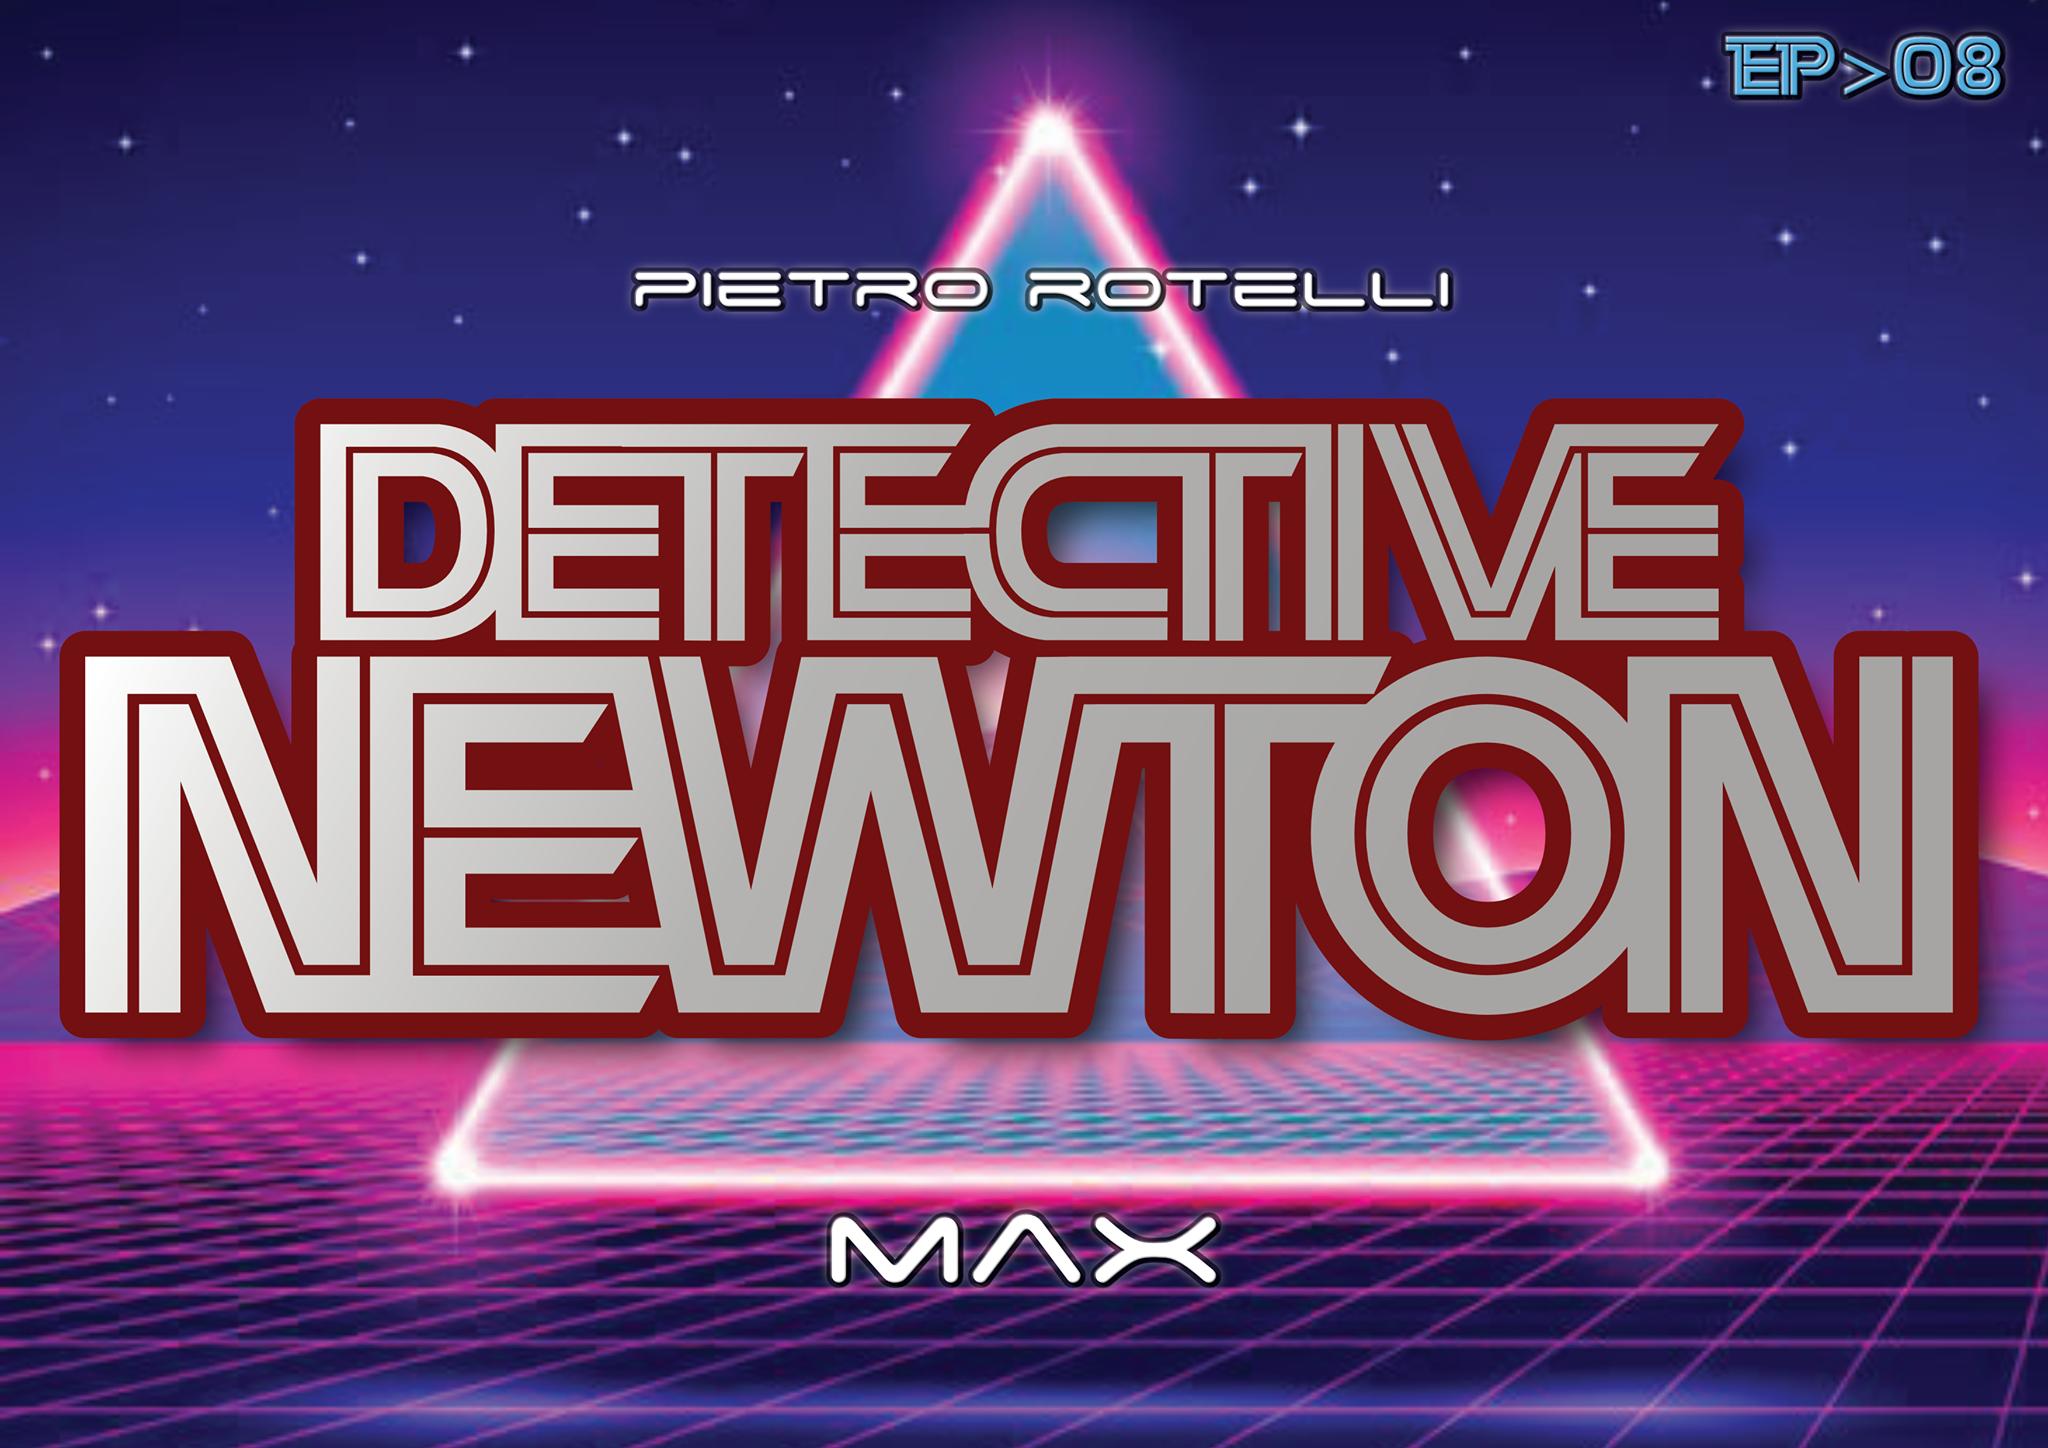 Max (Un'avventura del Detective Newton EP. 08) 2 - fanzine